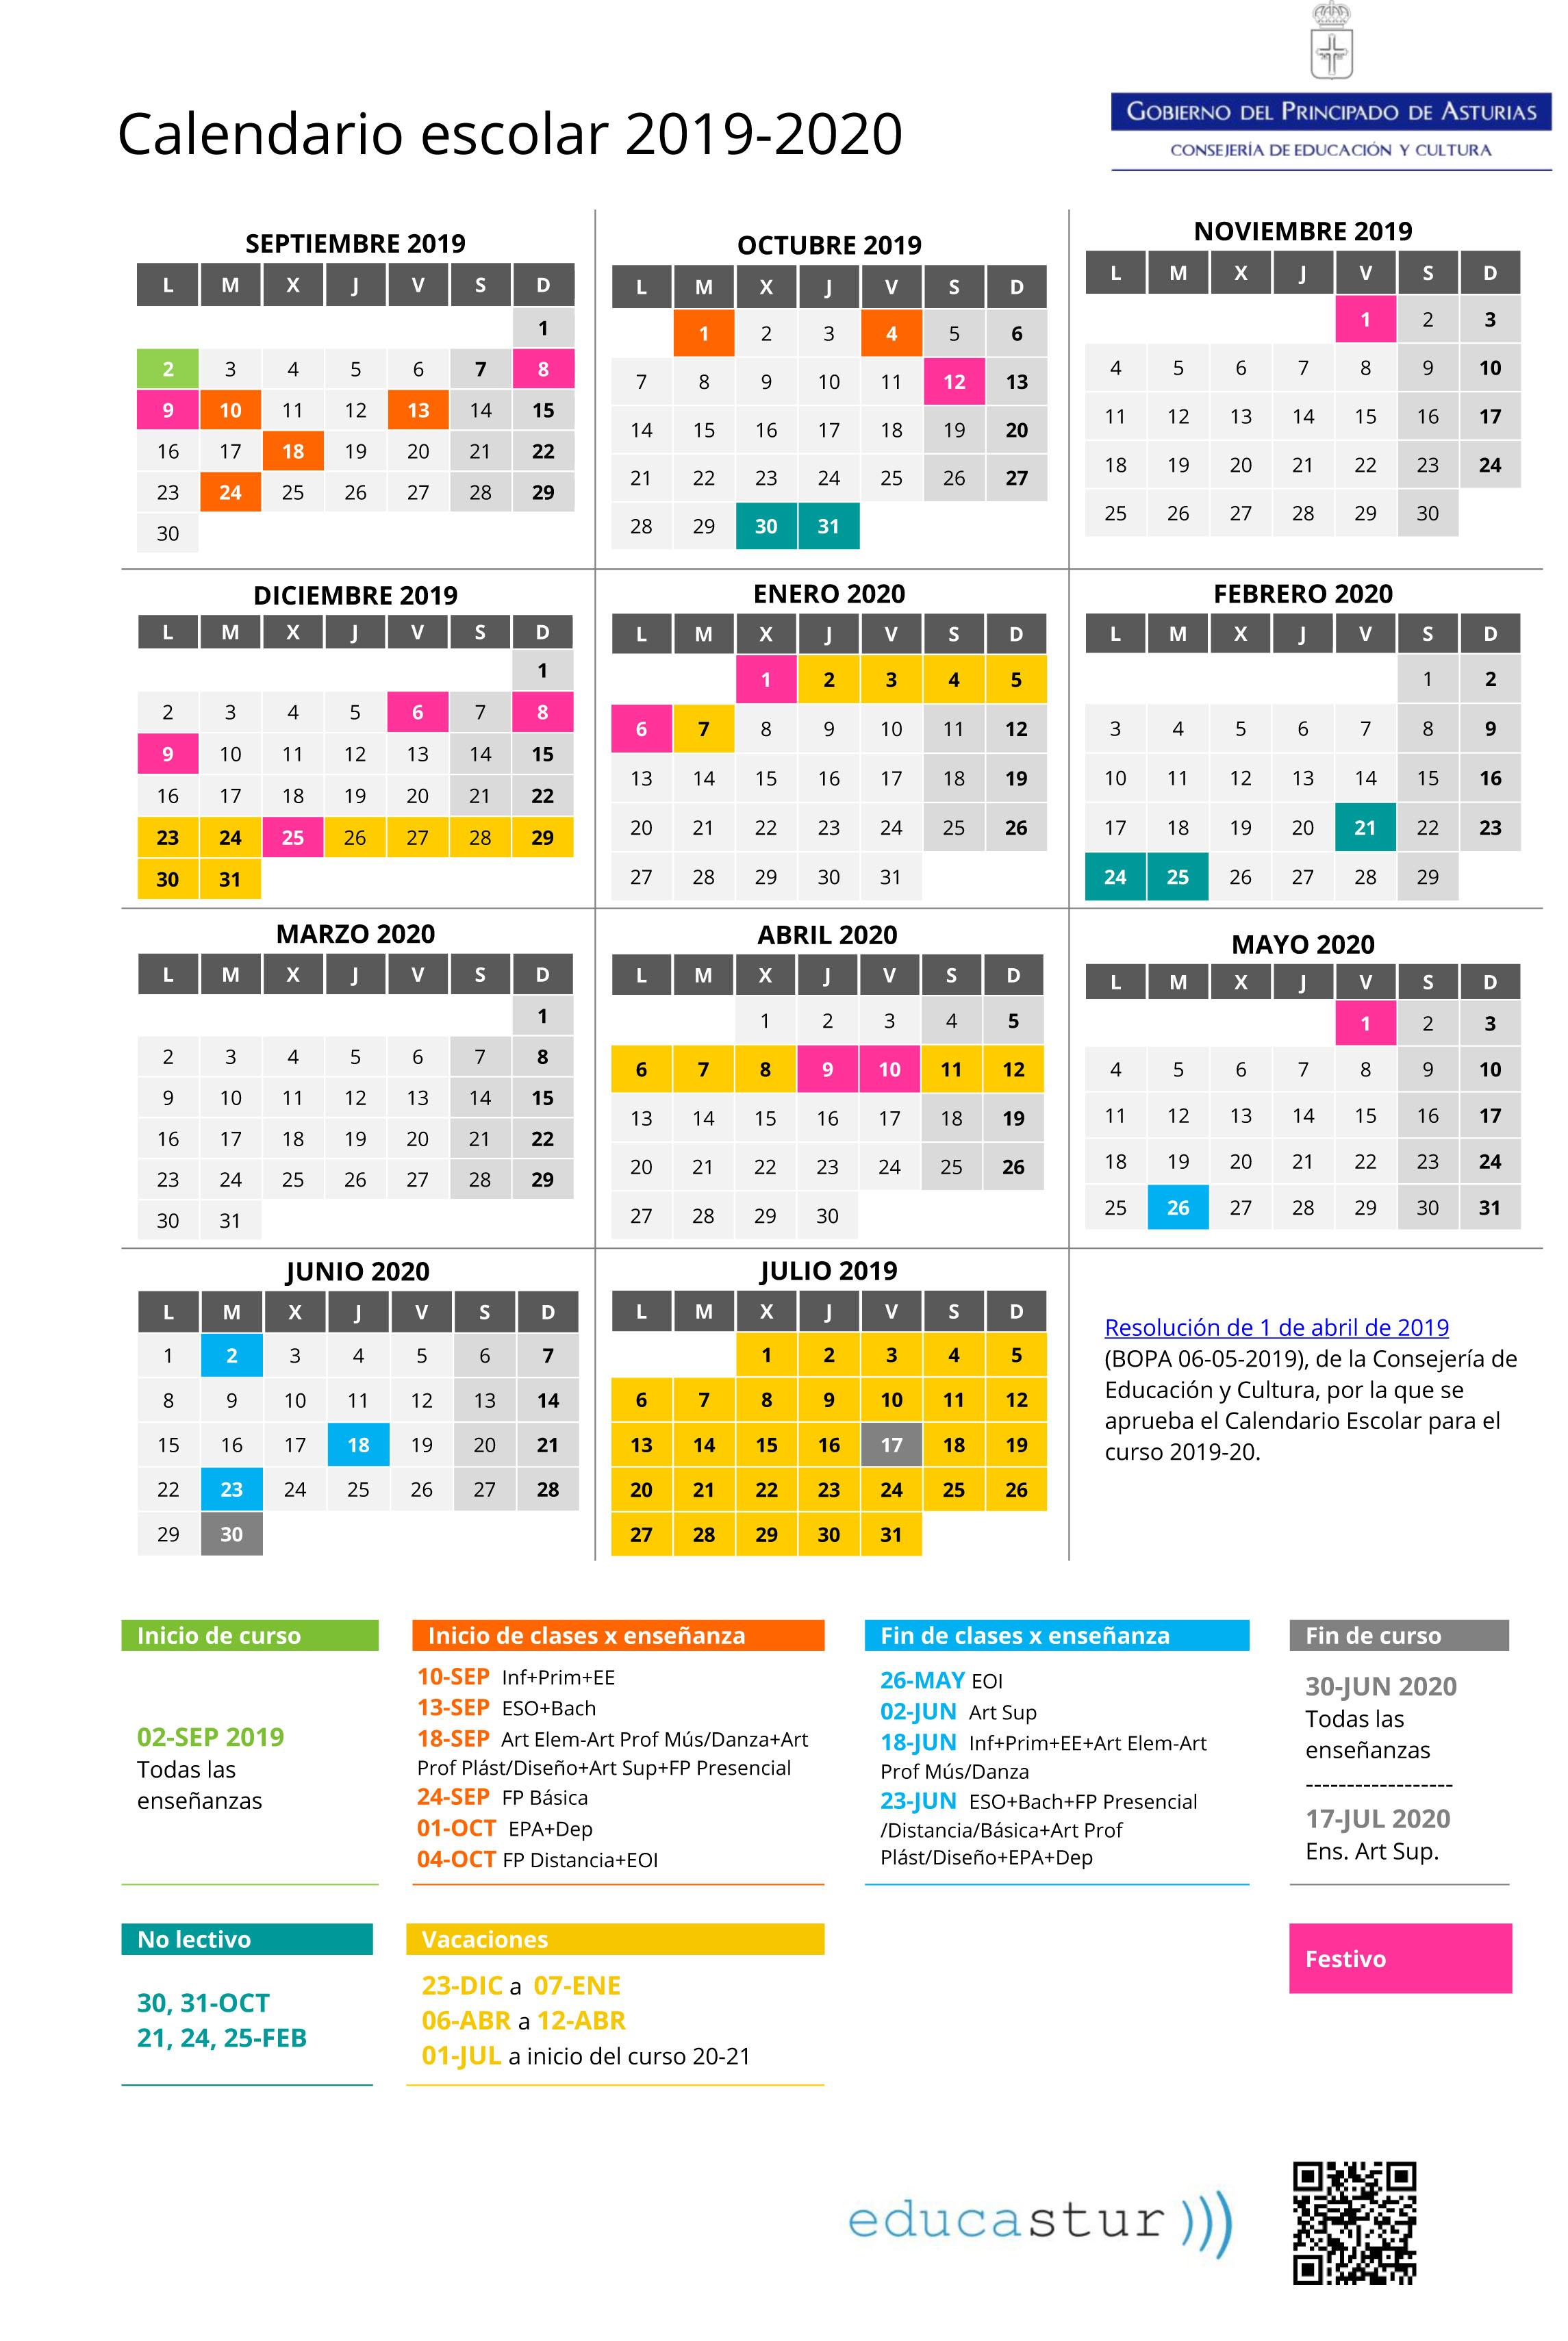 Calendario Escolar 18 19 Asturias.Calendario Escolar 19 20 Colegio Santo Angel De La Guarda